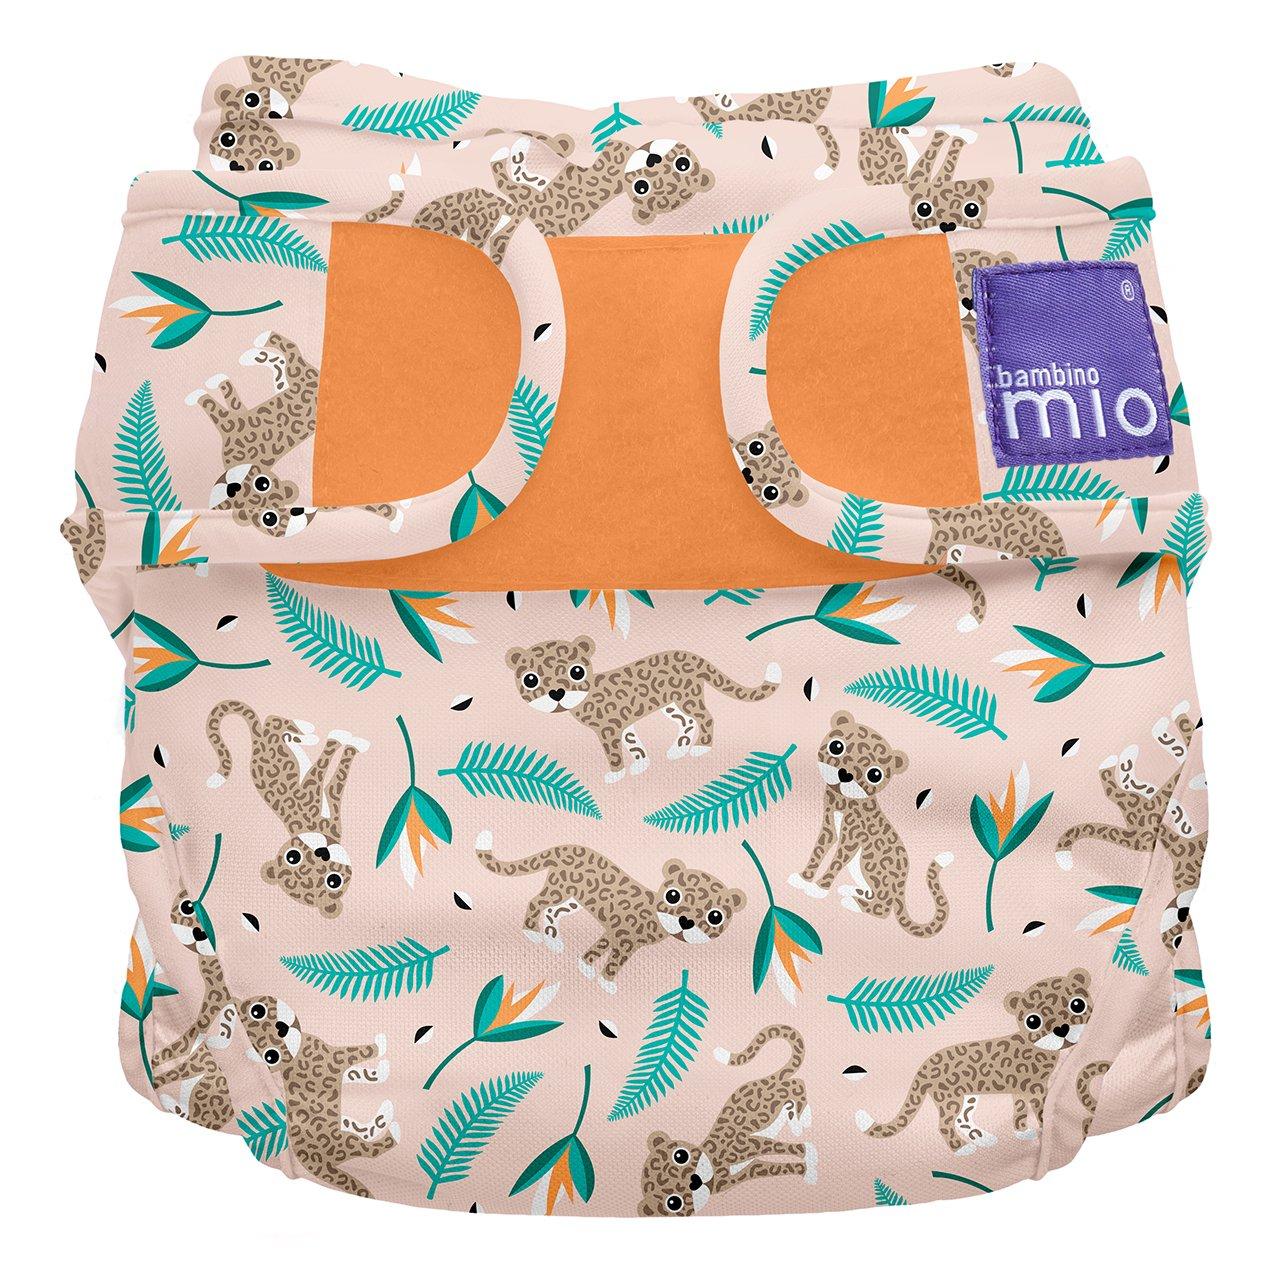 Size 2 Bambino Mio Miosoft Reusable Nappy Cover Bumble 9kg+